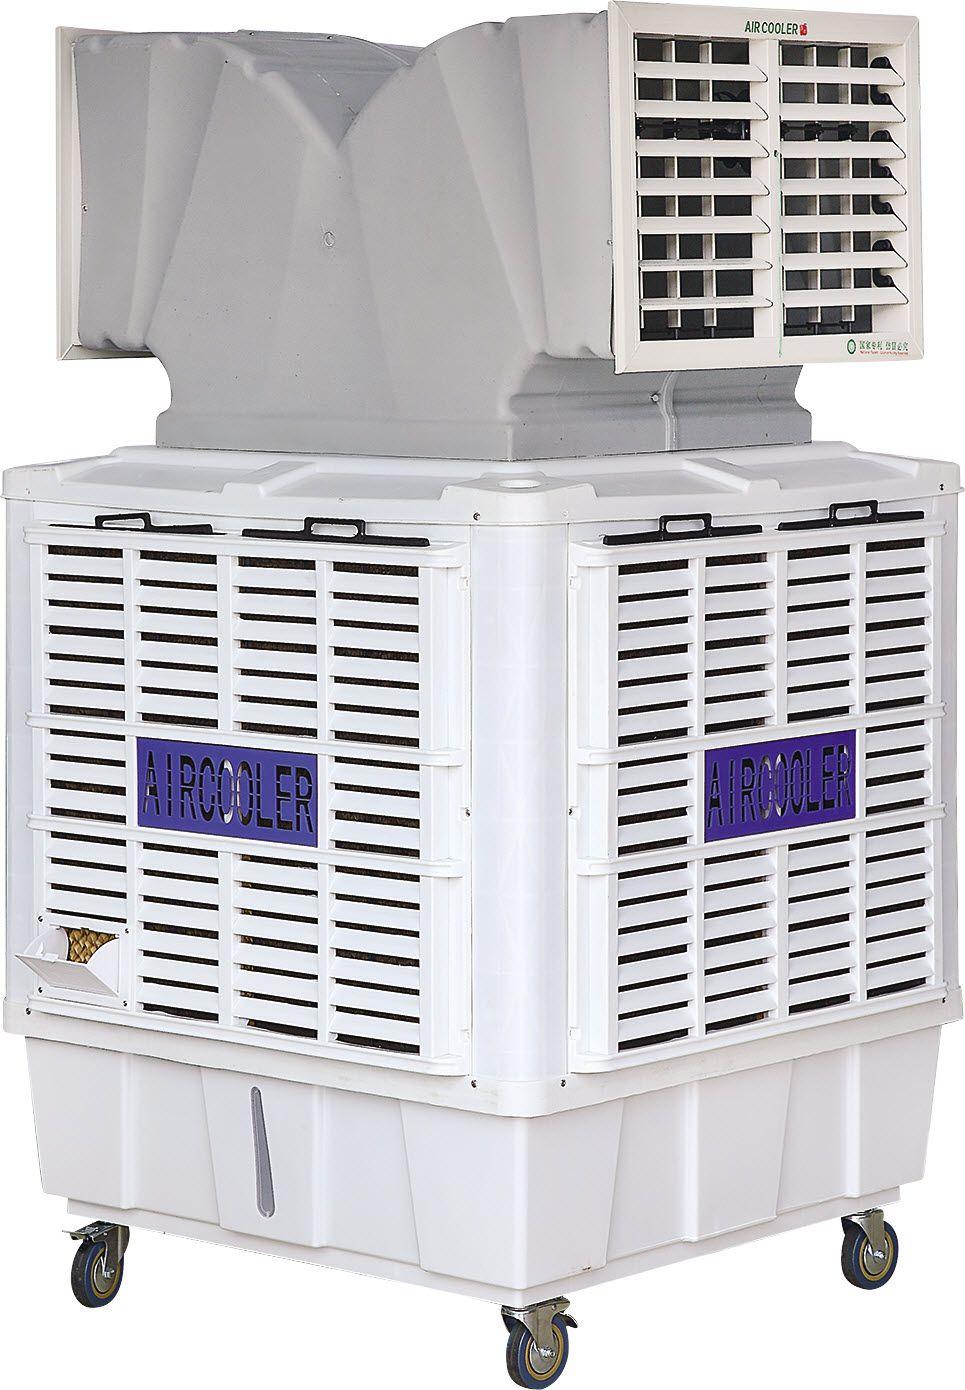 evaporative air cooler, desert air cooler, swamp air